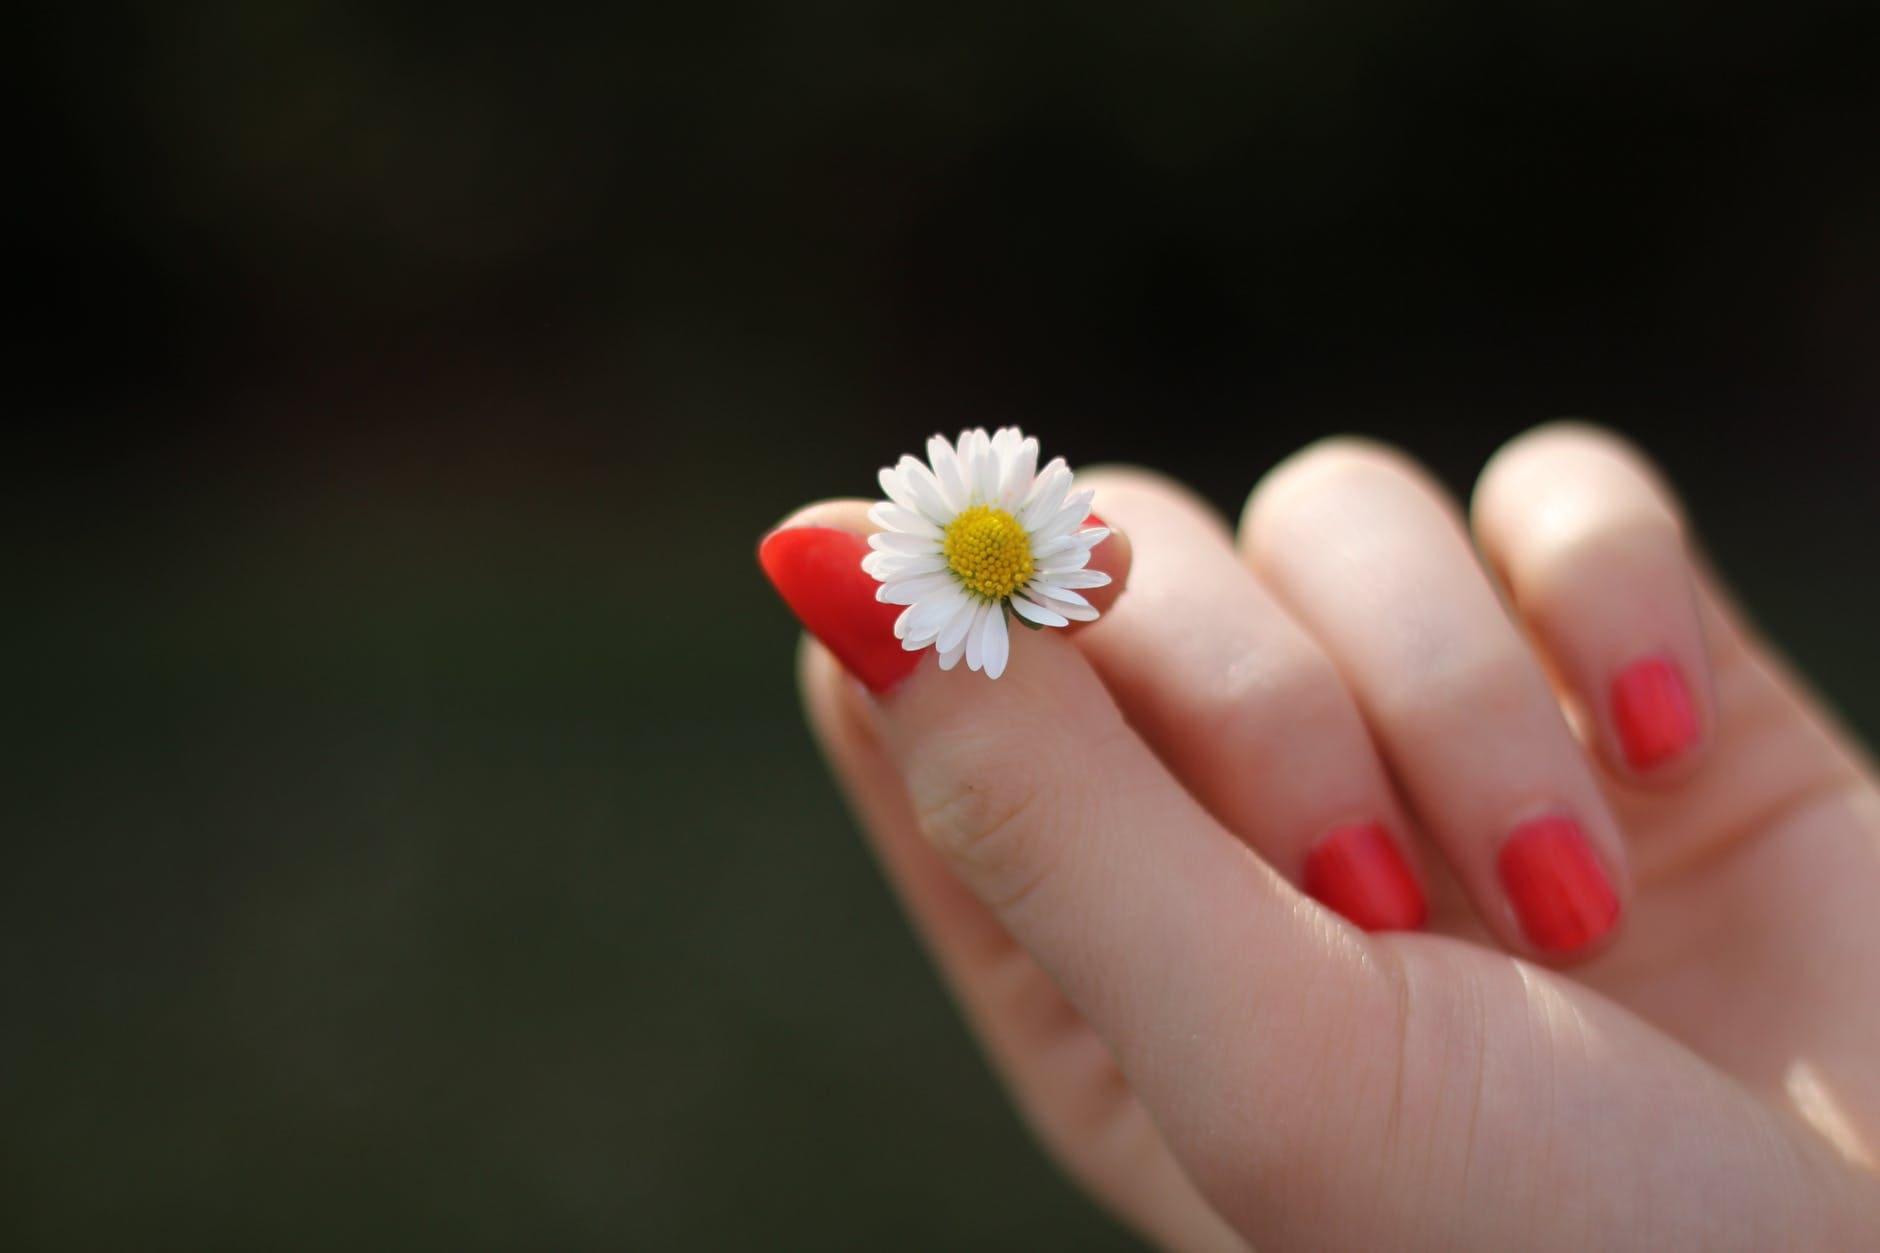 pierdere în greutate cu unghii fragile